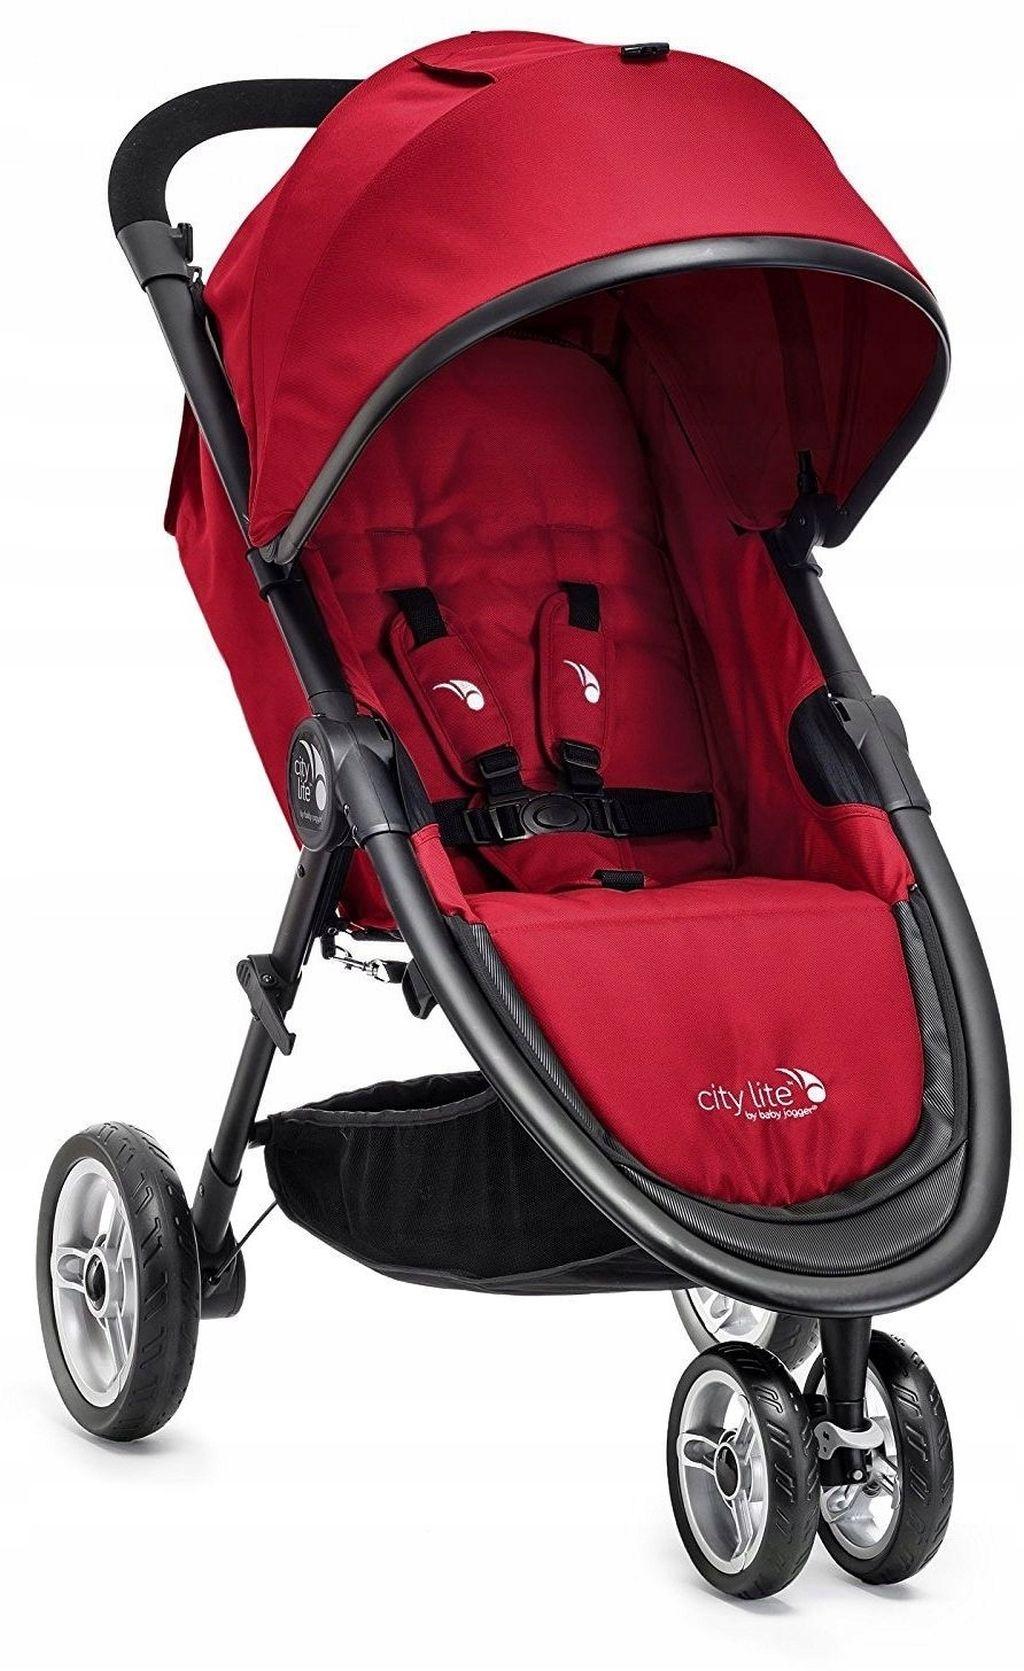 Kompaktowy miejski wózek spacerowy City Lite firmy Baby Jogger